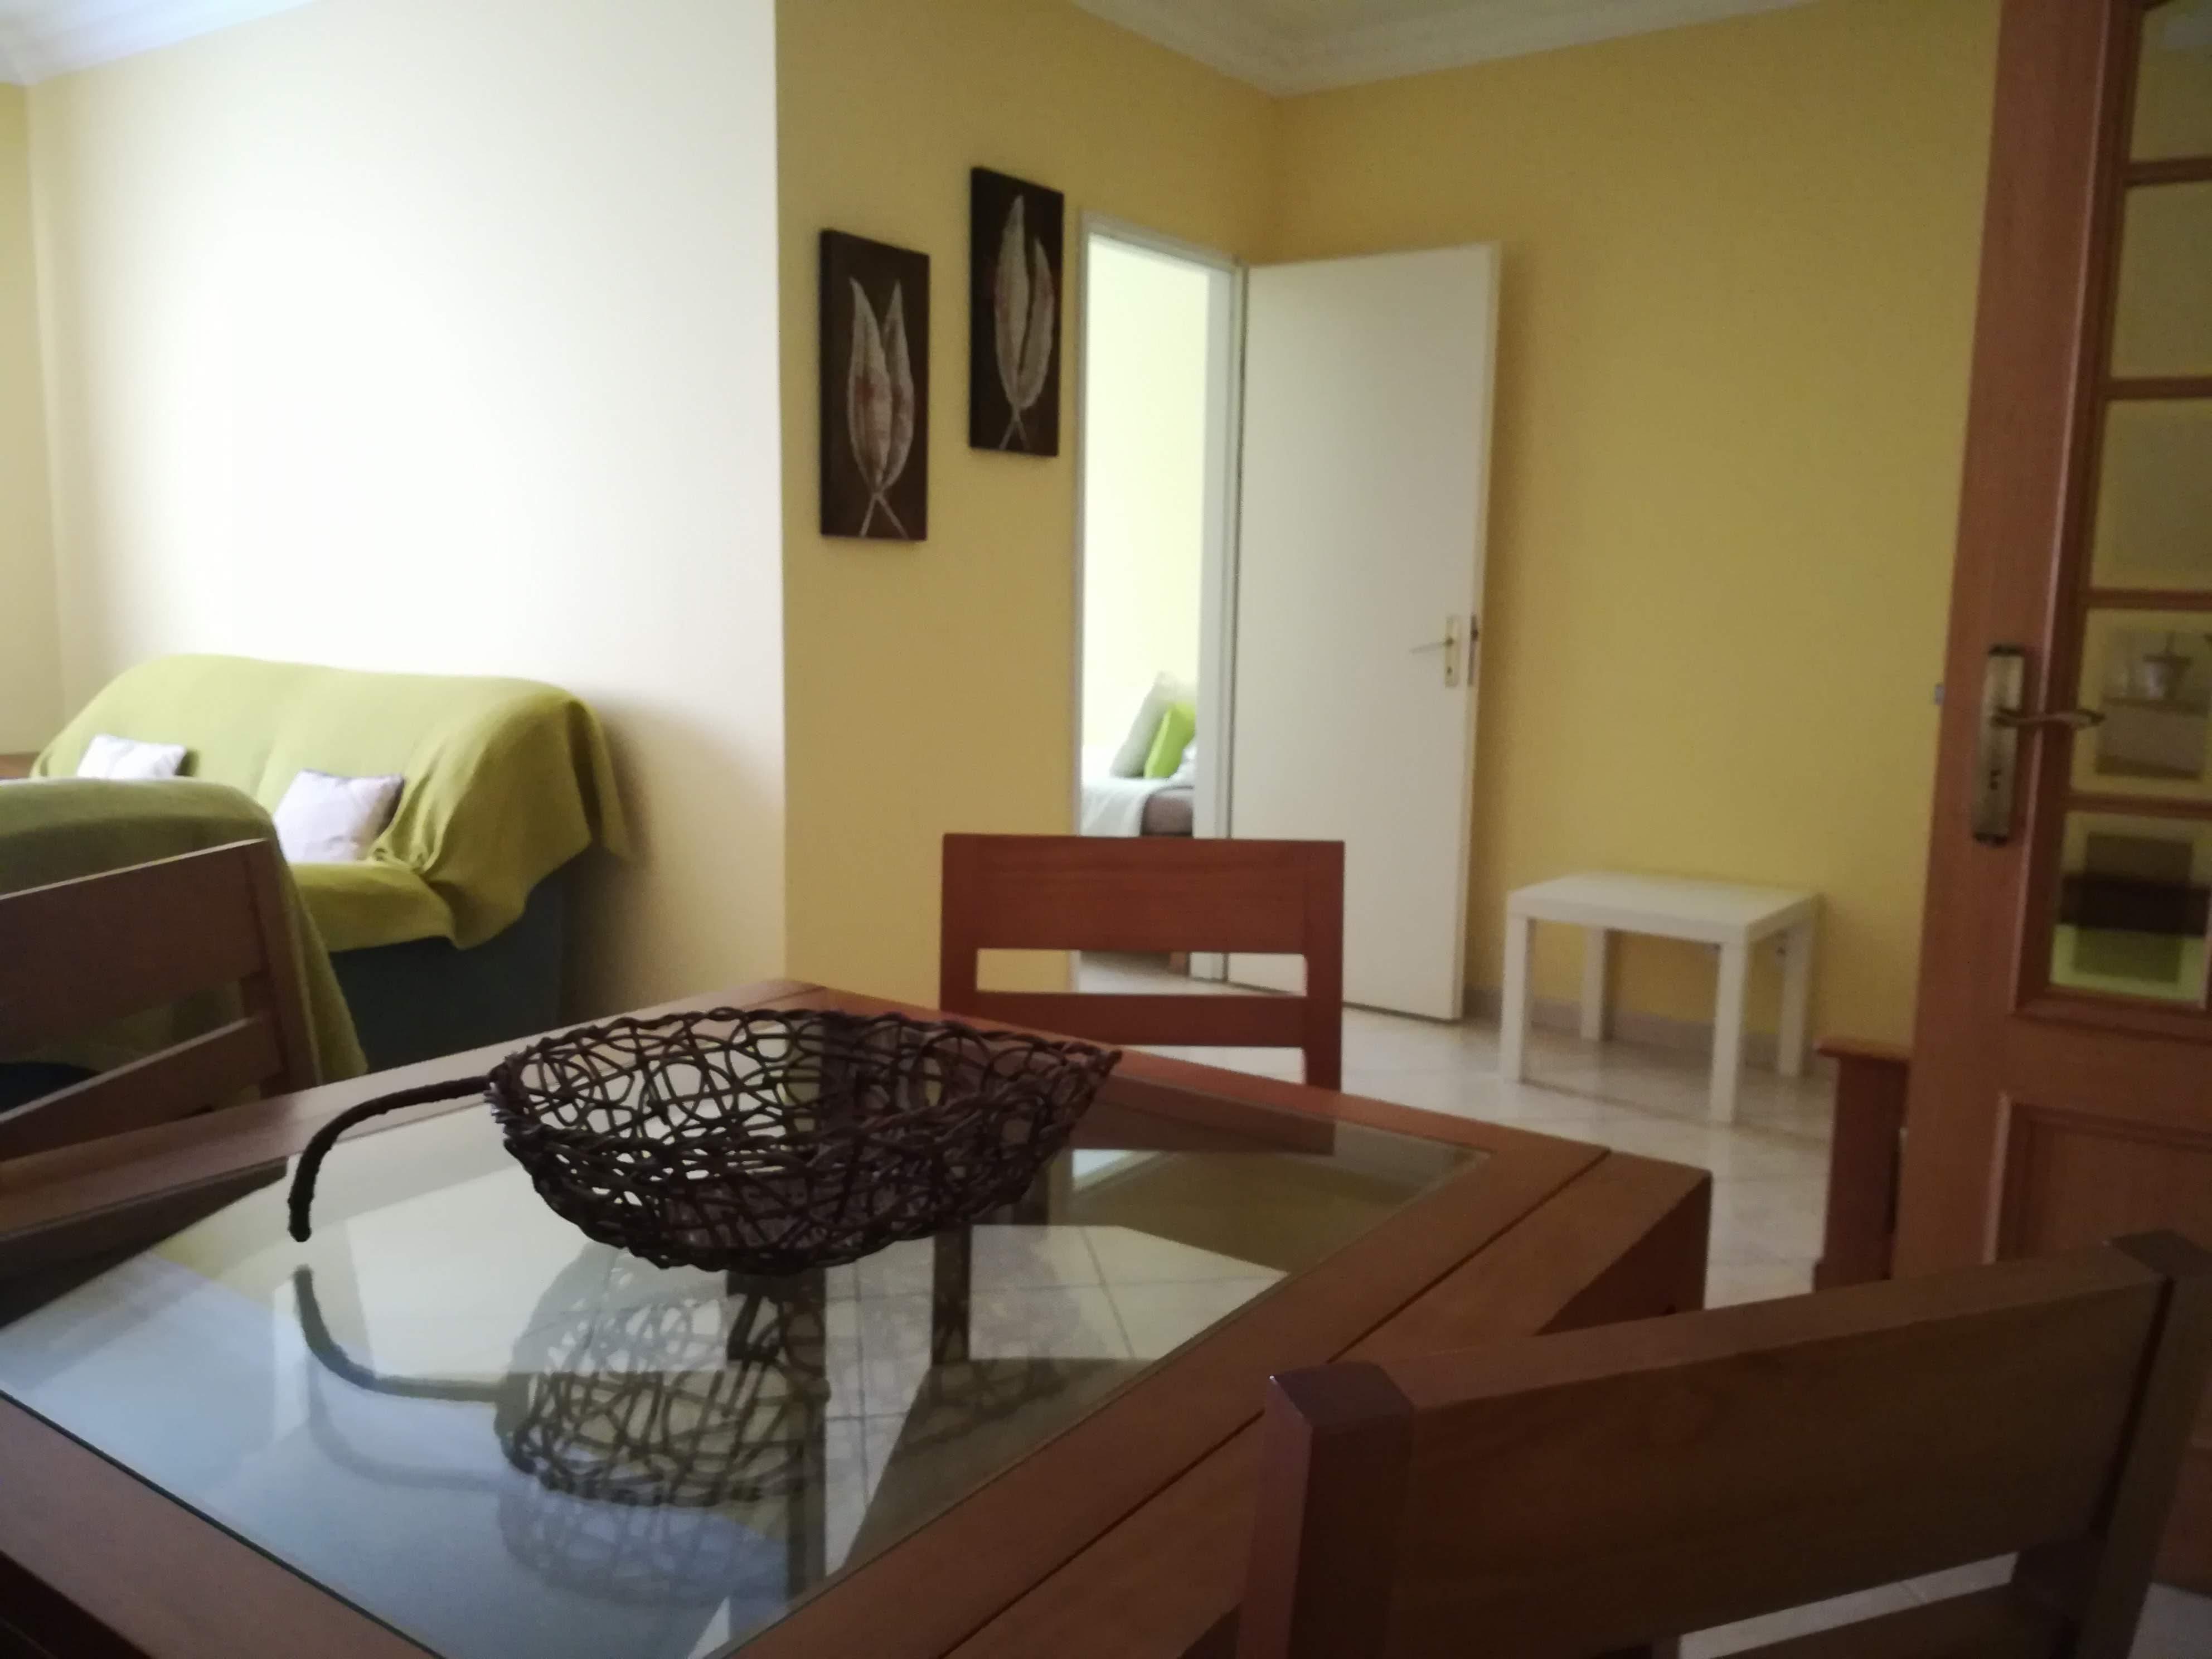 Location appartements et villas de vacance, Apartamento com terraço, perto da praia à Armação de Pêra, Portugal Algarve, REF_IMG_9160_9166